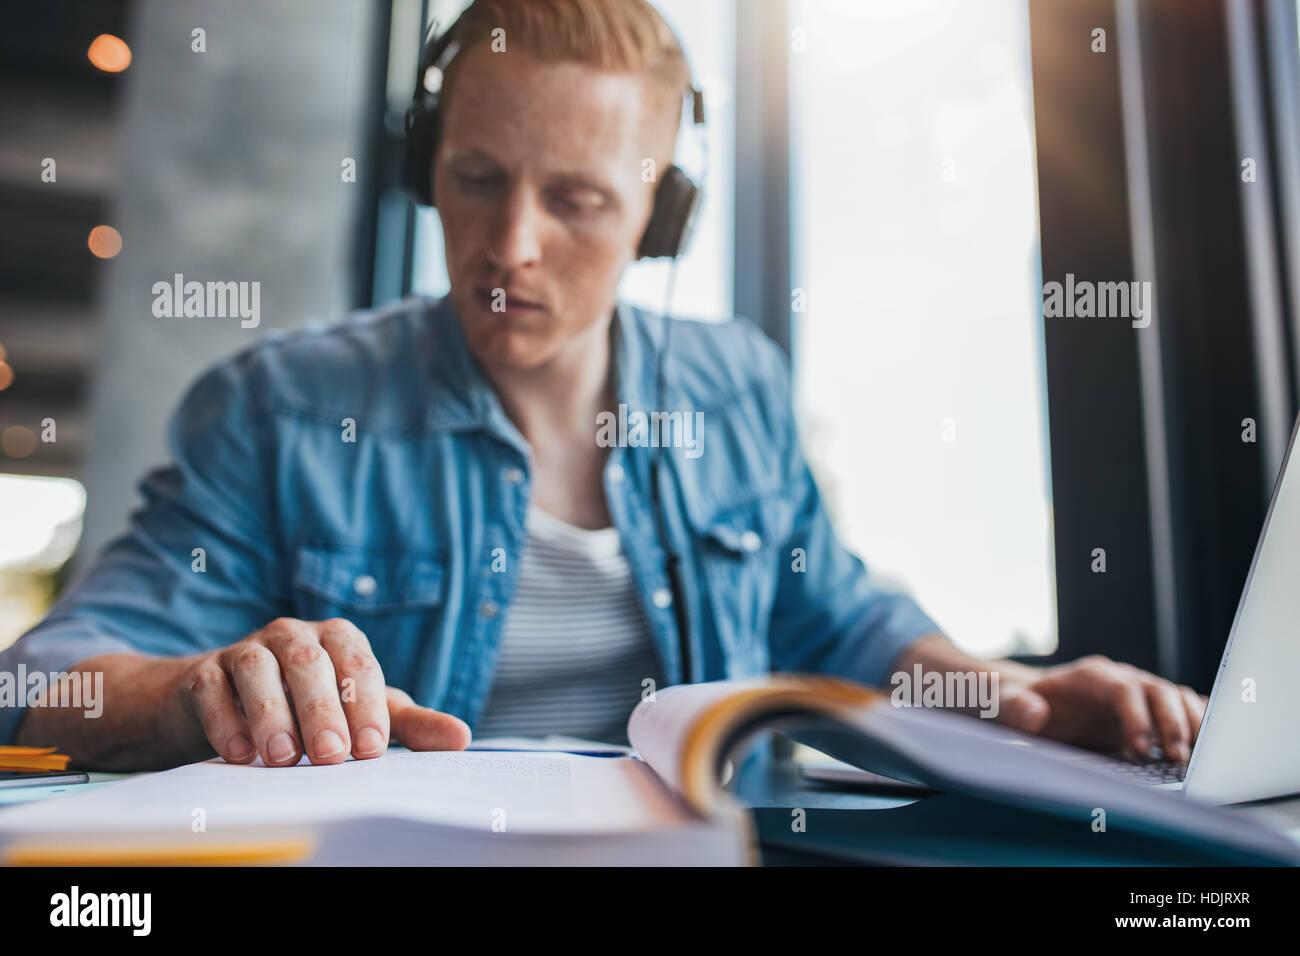 Jeune homme assis à table avec des livres et l'ordinateur portable pour trouver de l'information. Young Photo Stock